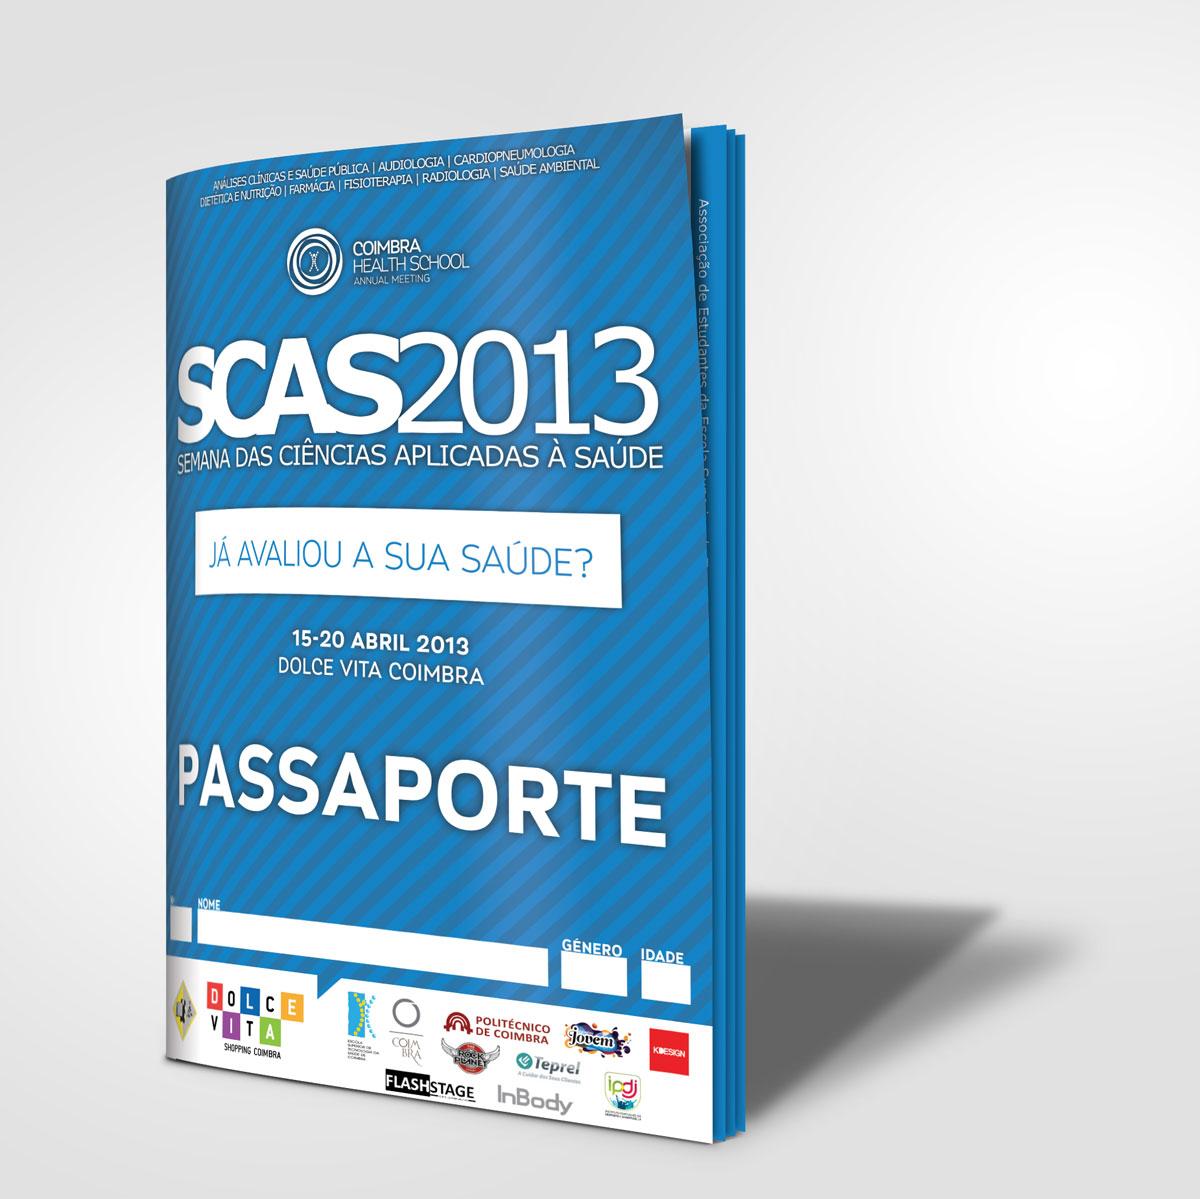 scaspassaportecapa